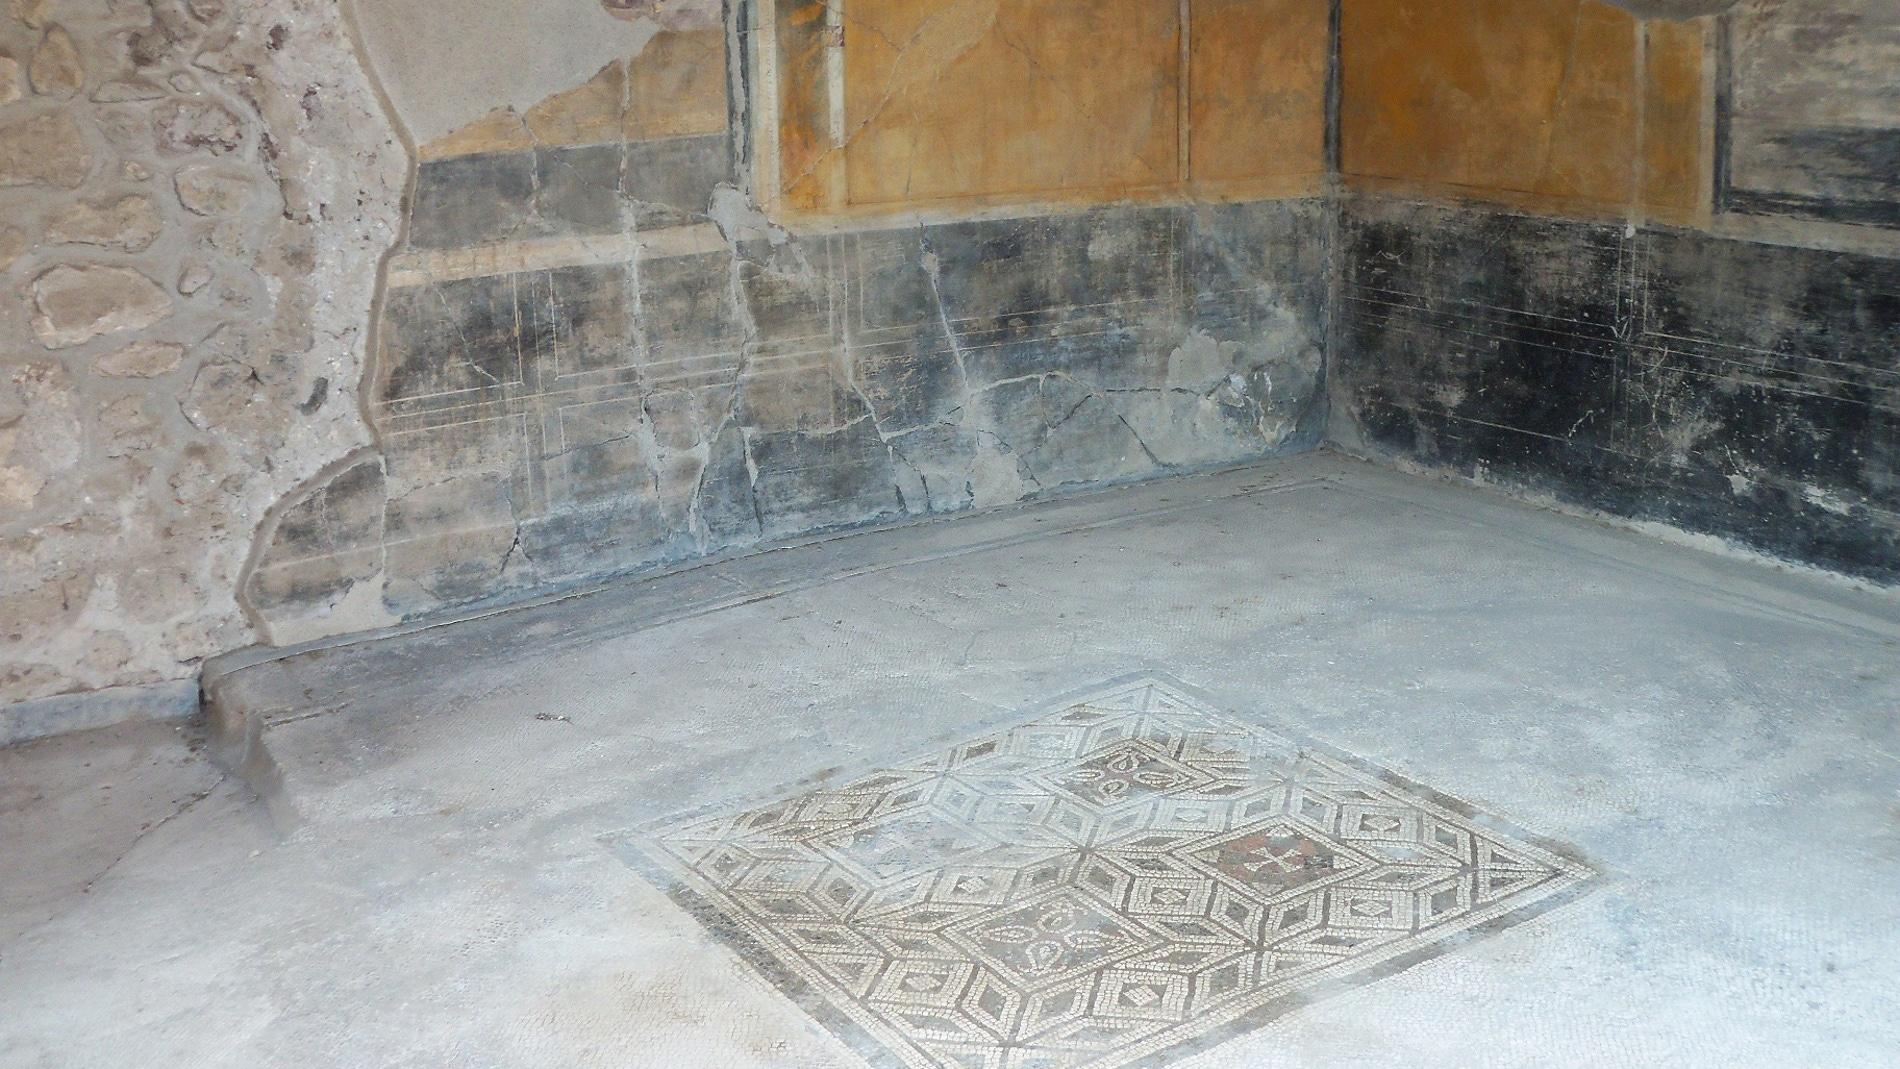 Desvelan la composicion de los mosaicos de una casa de Pompeya